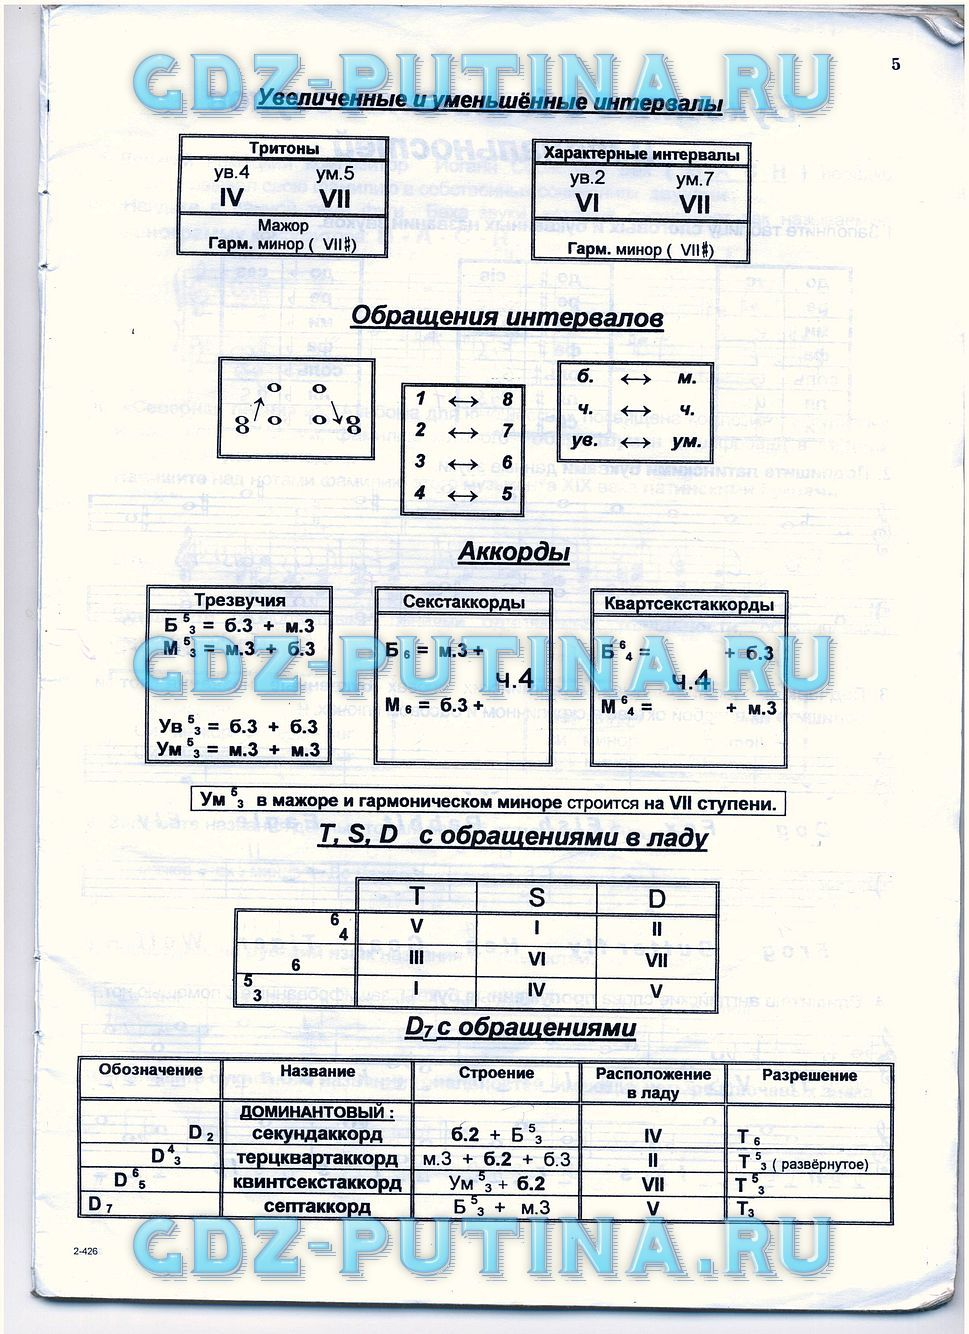 Практические по географии 9 класс украина решебник бесплатно